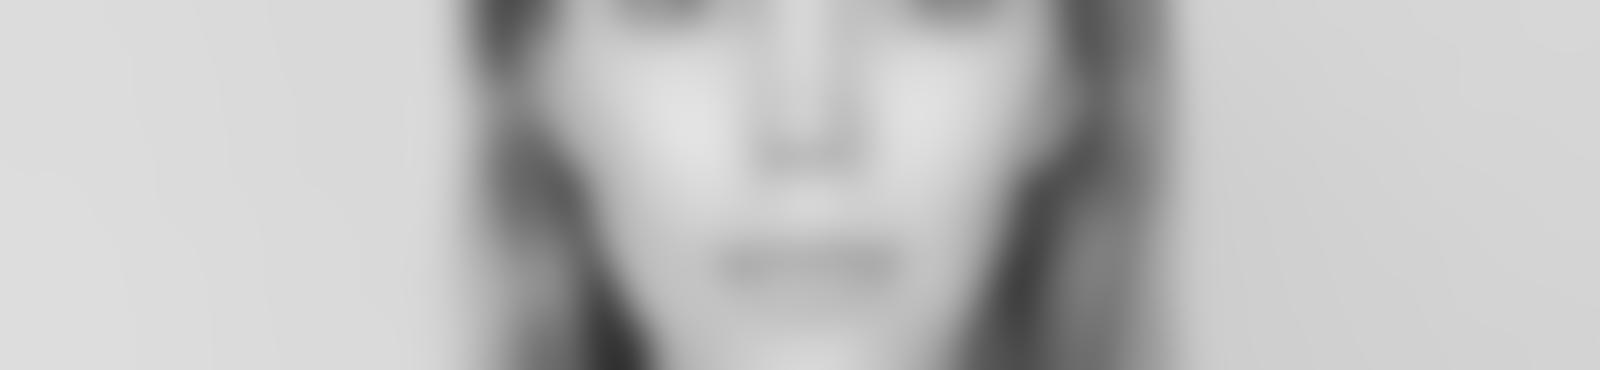 Blurred ad57467b b5a3 40f3 aced 1e591d51fb6b